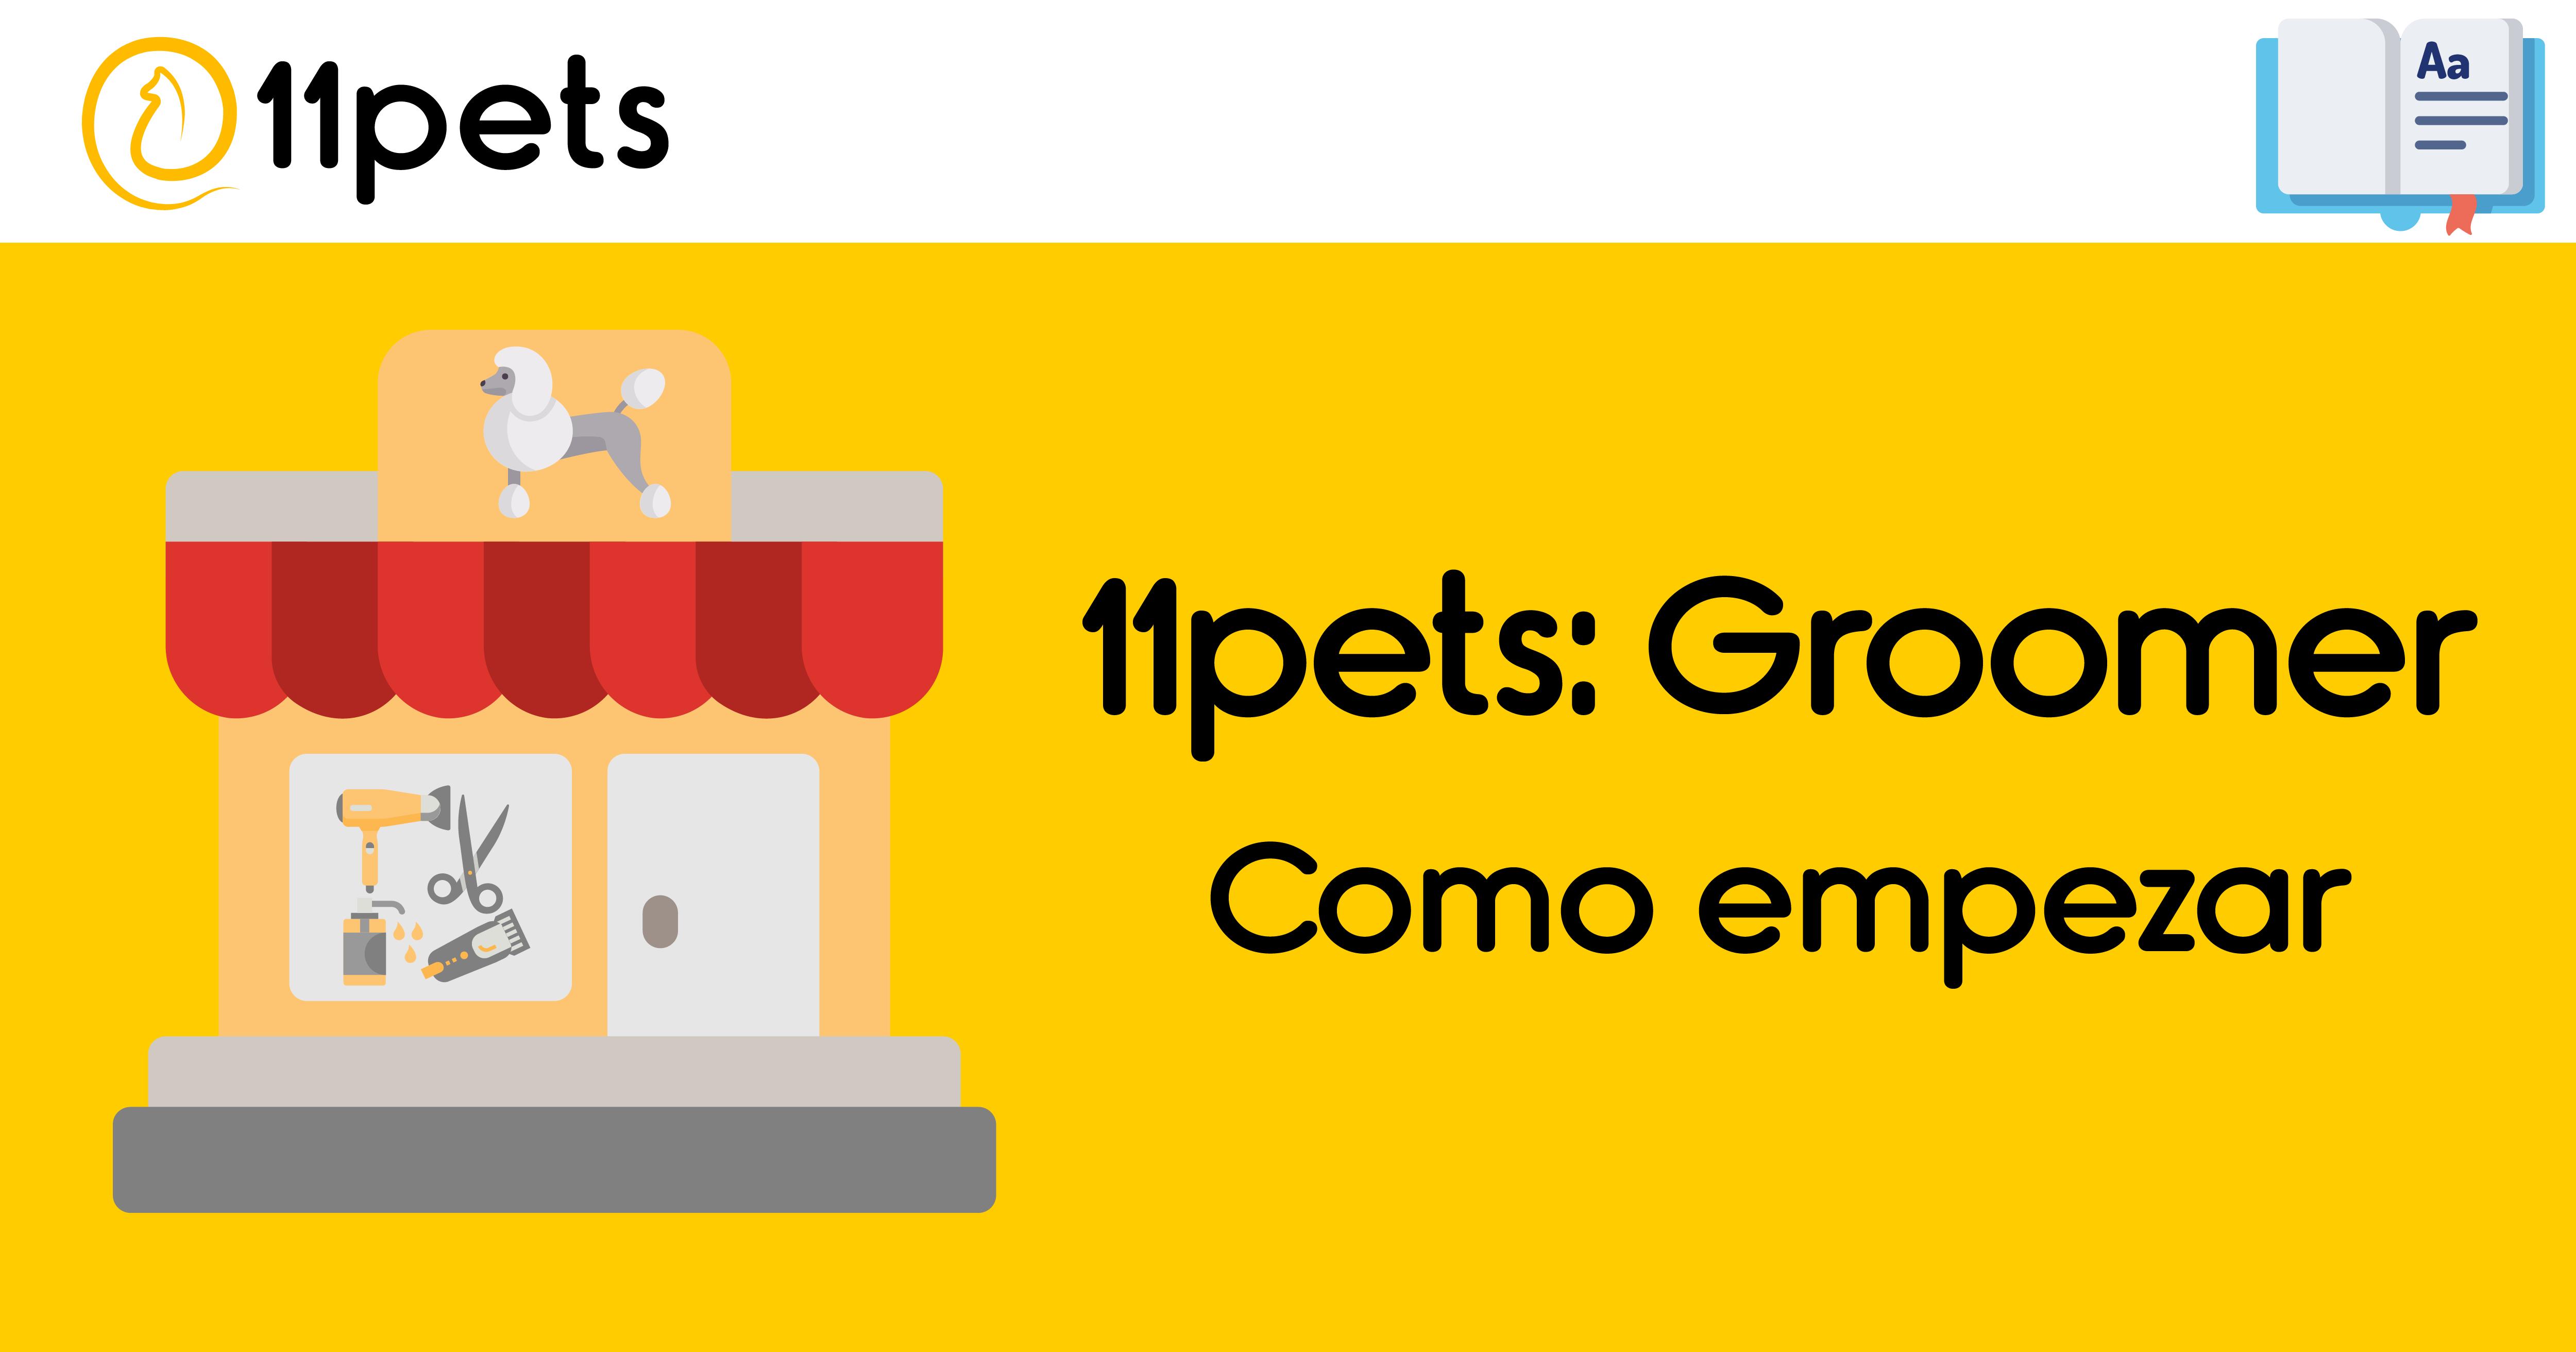 11pets: Groomer - Cómo empezar